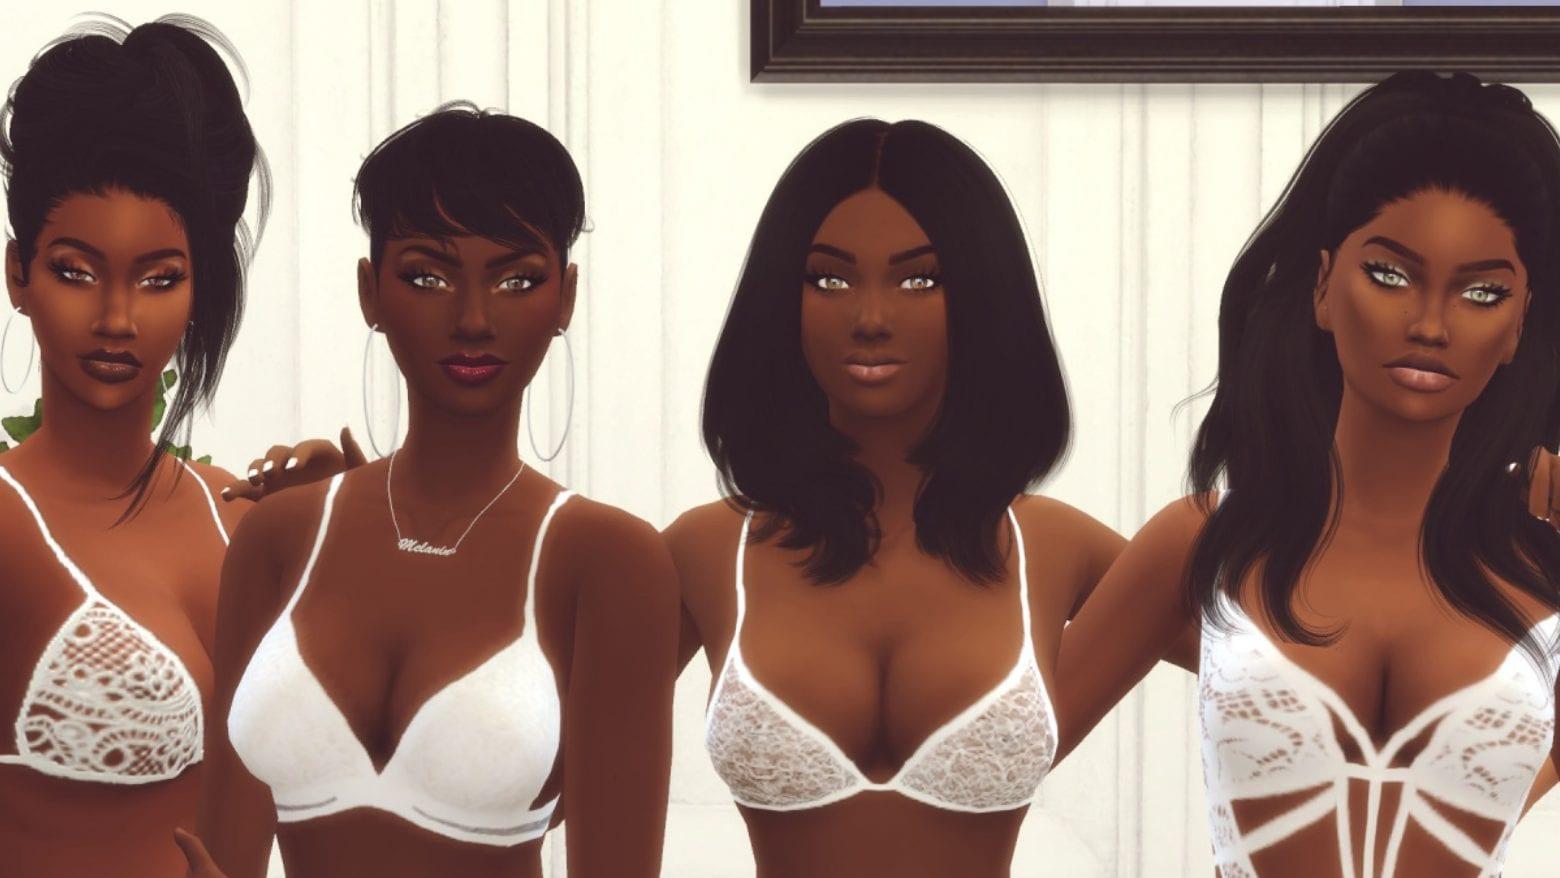 Die Sims 4 Melanin Pack Mod